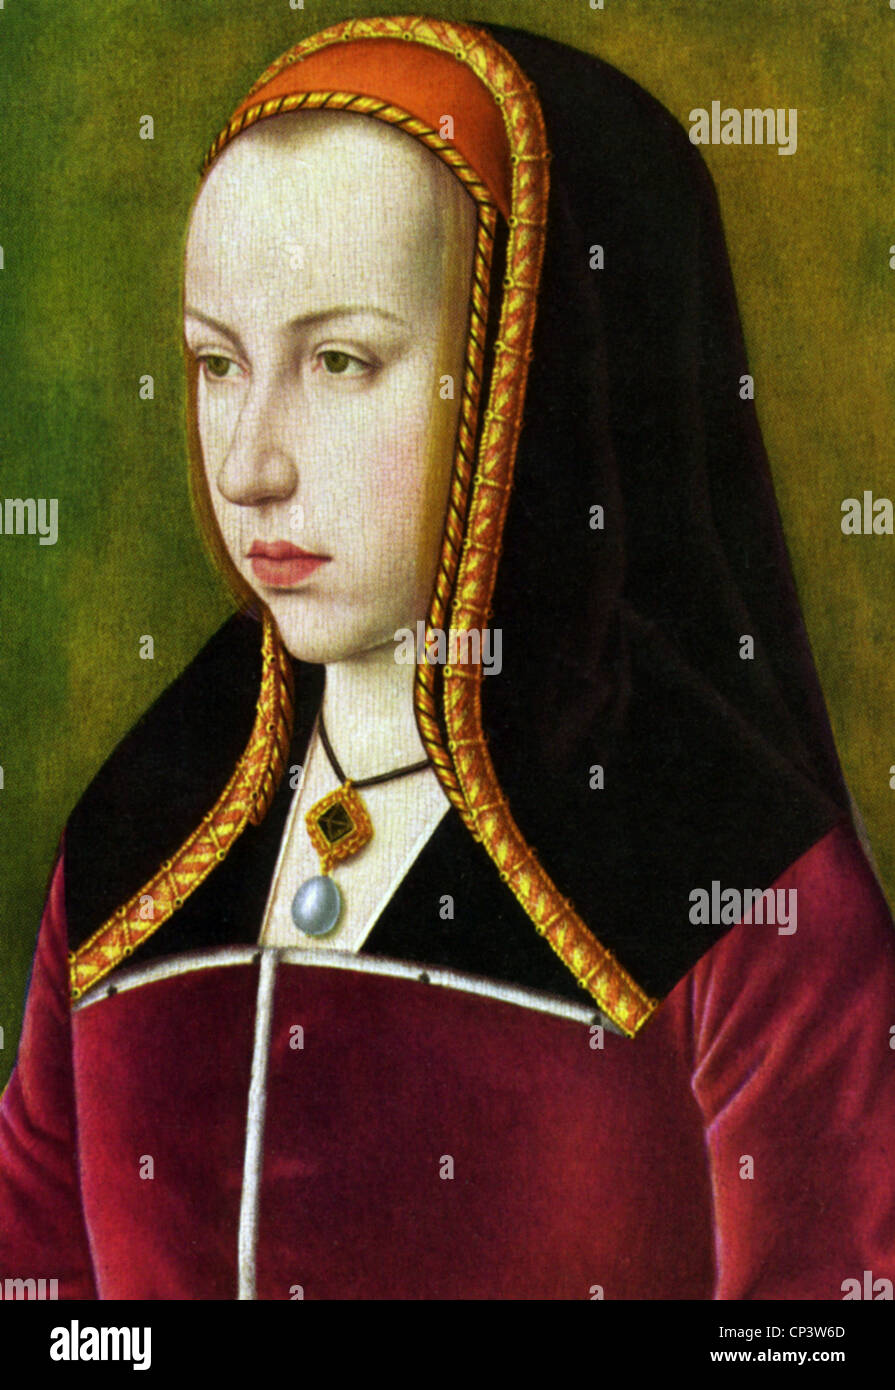 Margaret, 10.1.1480 - 1.12.1530, l'archiduchesse d'Autriche, gouverneur des Pays-Bas espagnols 1507 - 1515 Photo Stock